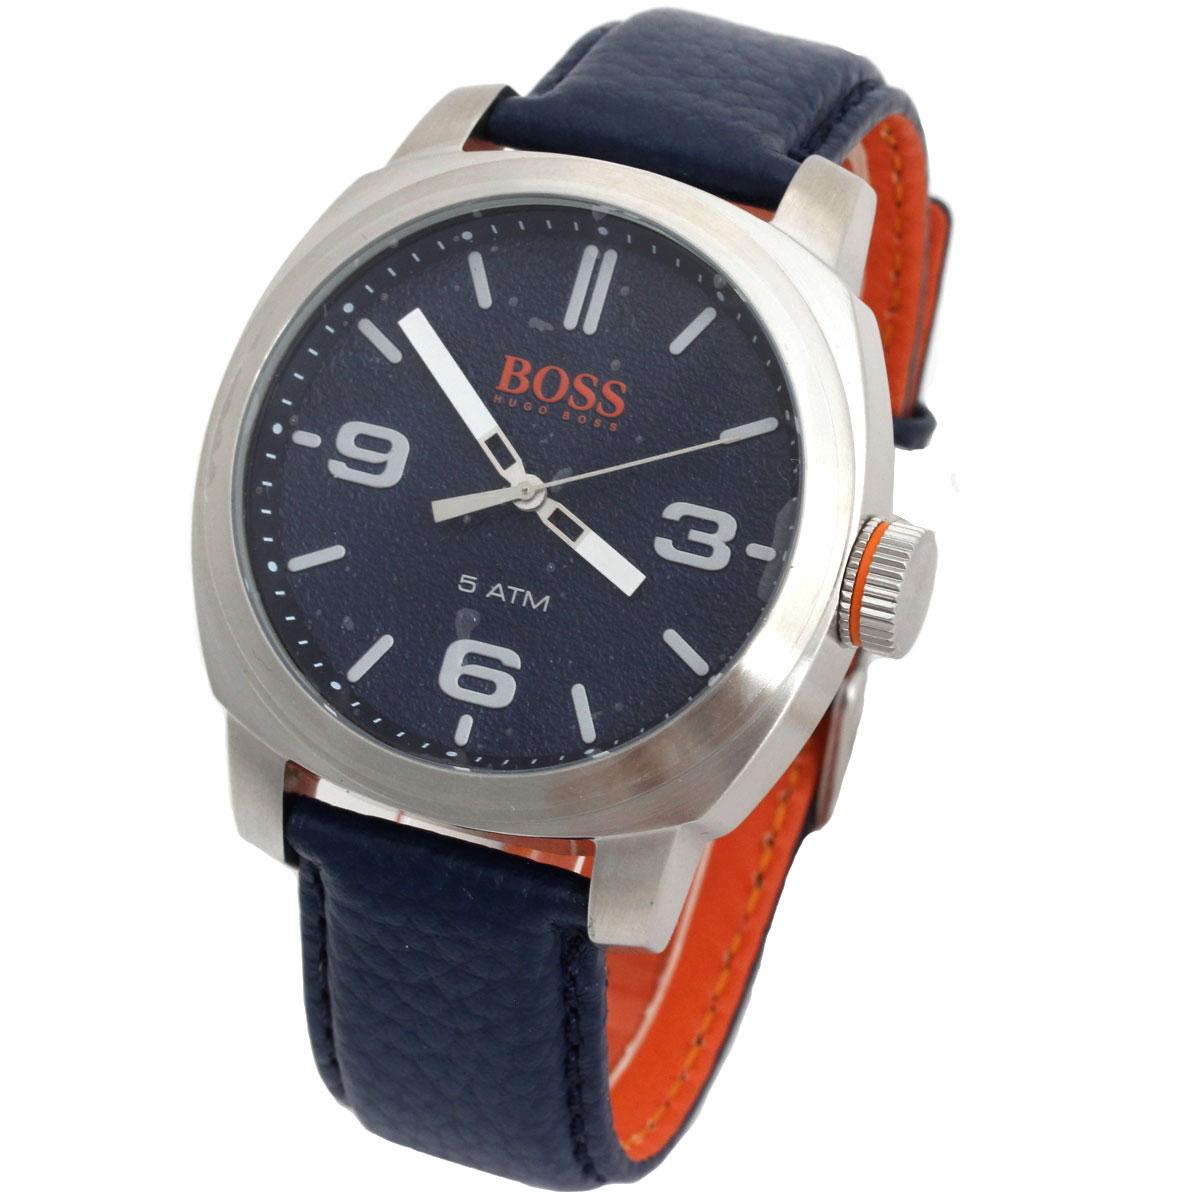 BOSS HUGO BOSS ボス ヒューゴボス 腕時計 1513410 Orange Cape Town メンズ ラウンド ネイビー シルバー レザーベルト